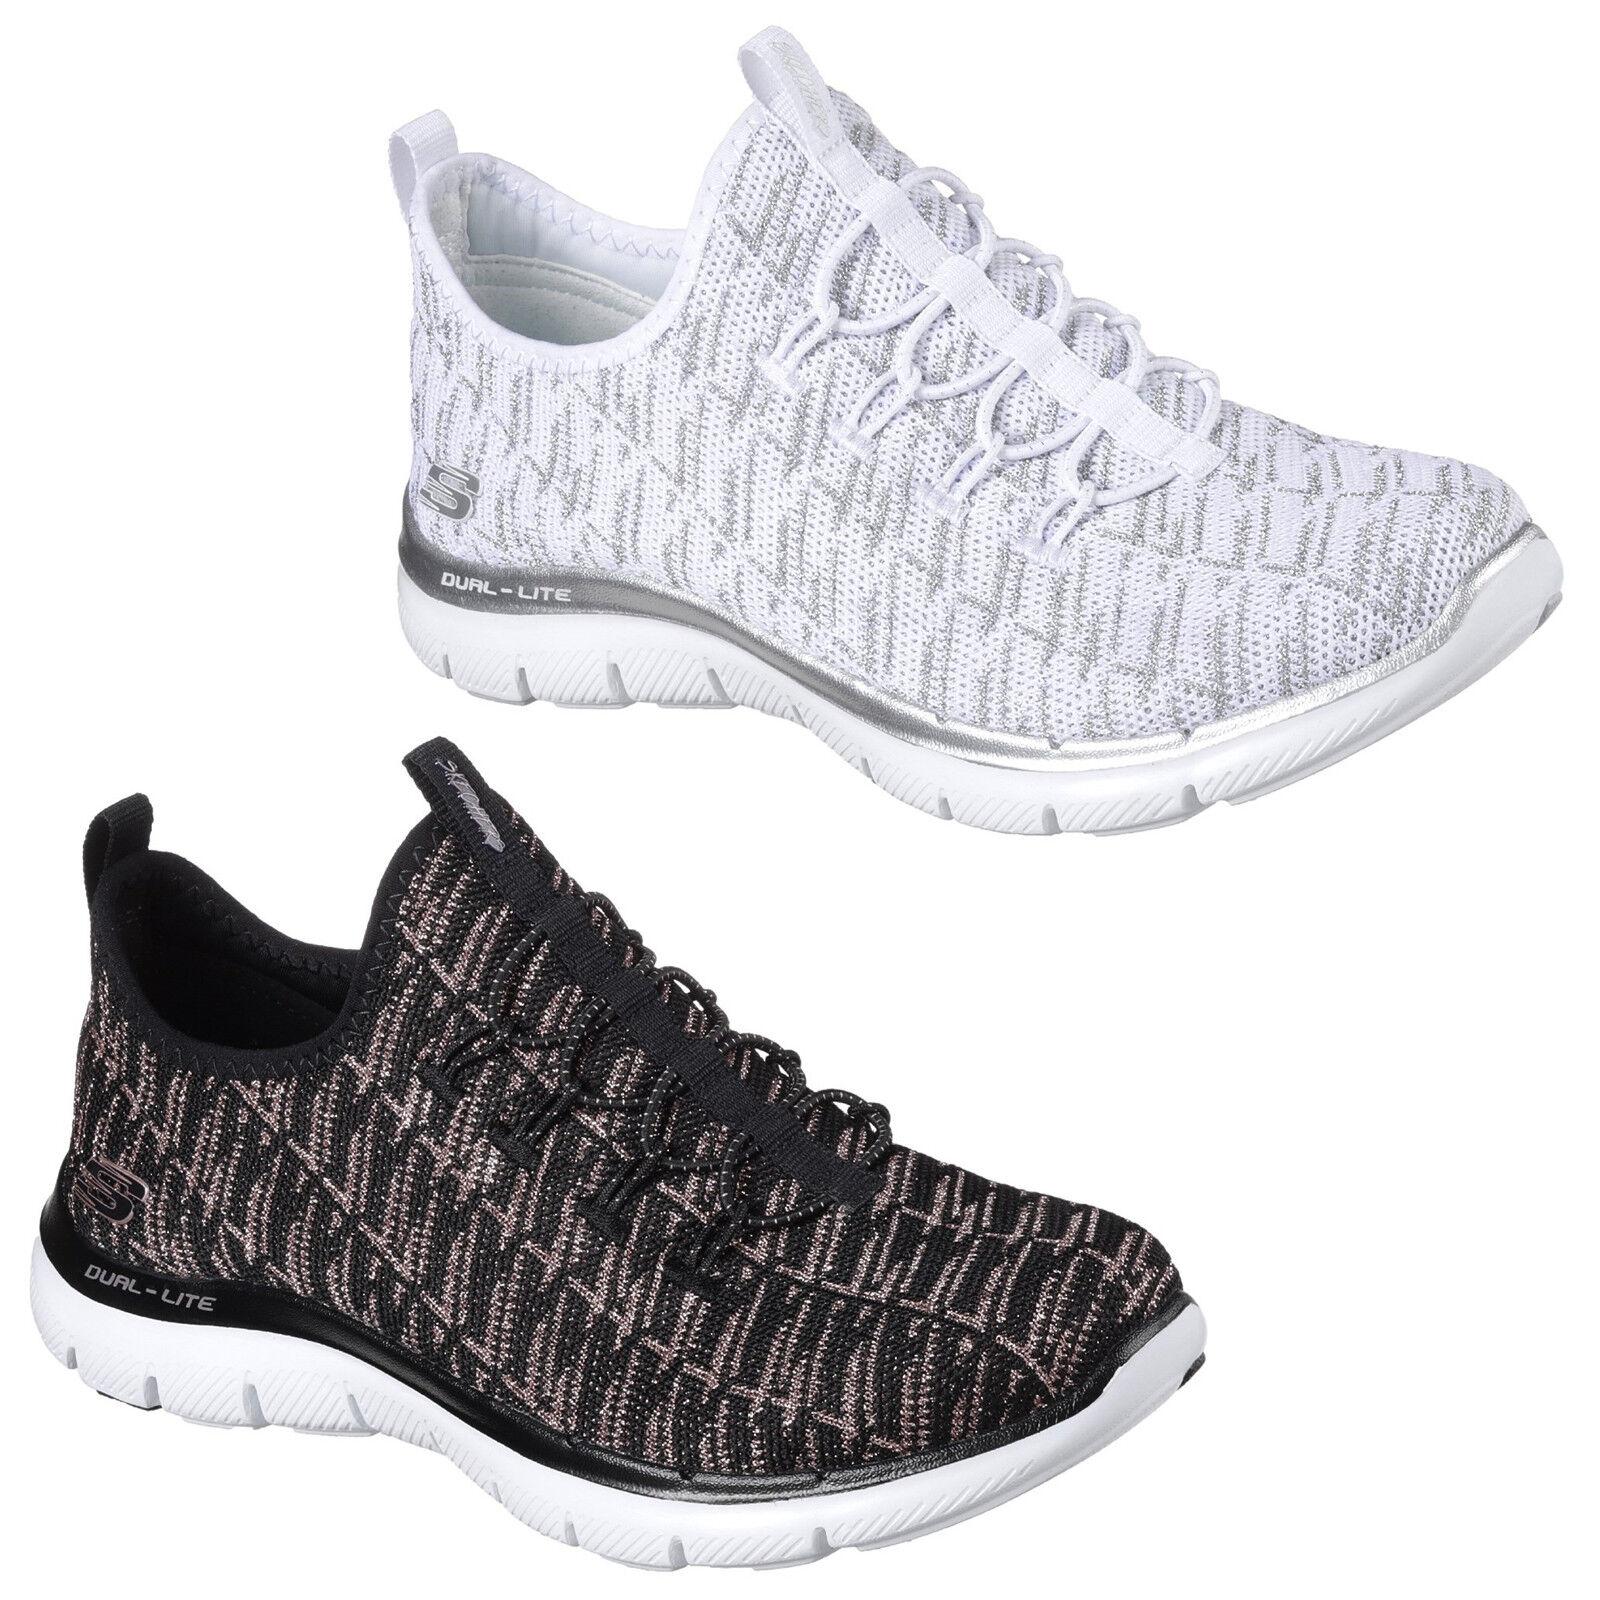 Skechers Flex Appeal 2.0 Insights Trainers Womens Memory Foam Sports Knit shoes